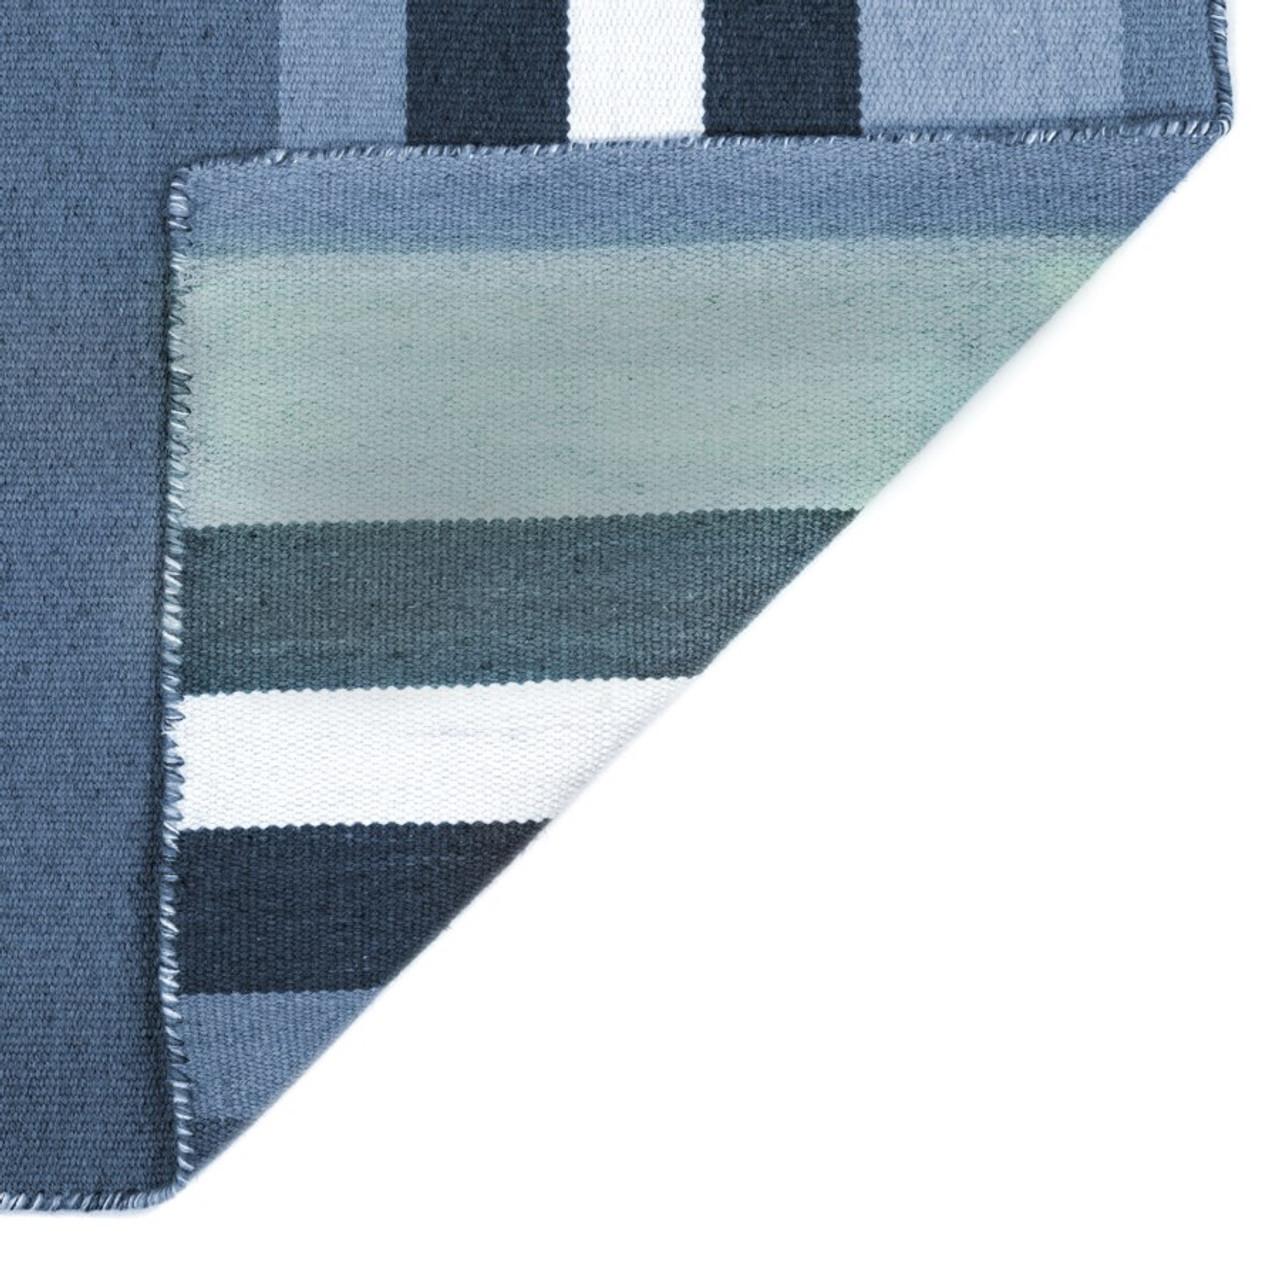 Blue Tribeca Stripes Indoor/Outdoor Rug - Back